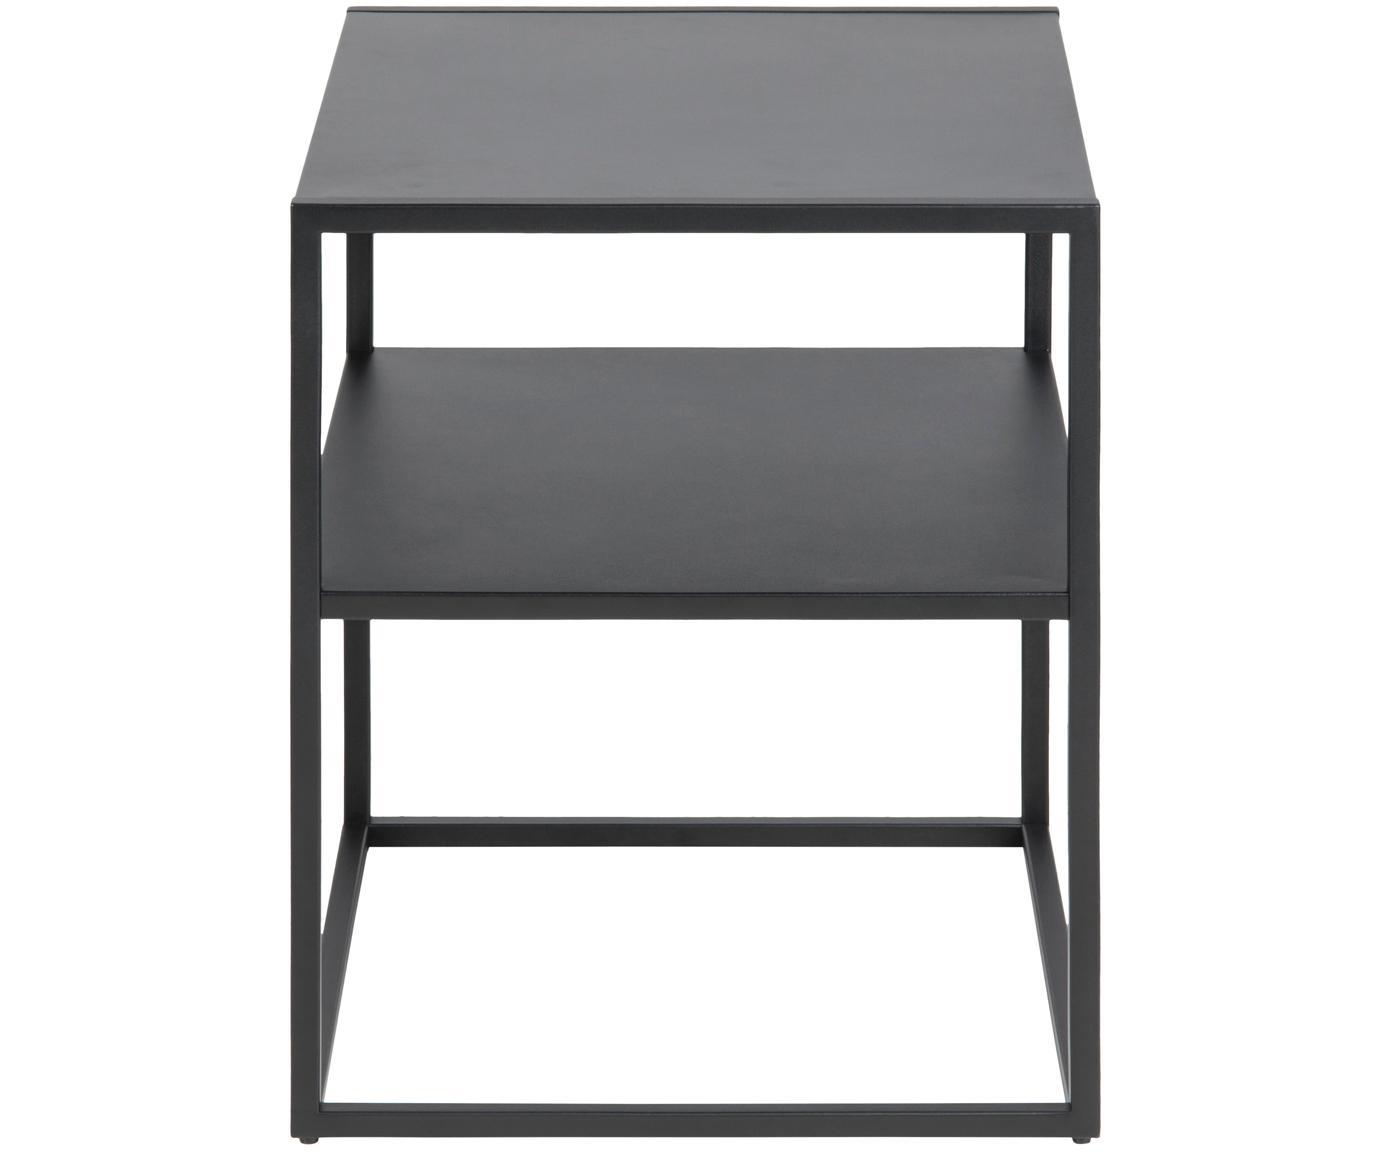 Stolik pomocniczy czarny z metalu Newton, Metal malowany proszkowo, Czarny, S 45 x G 40 cm